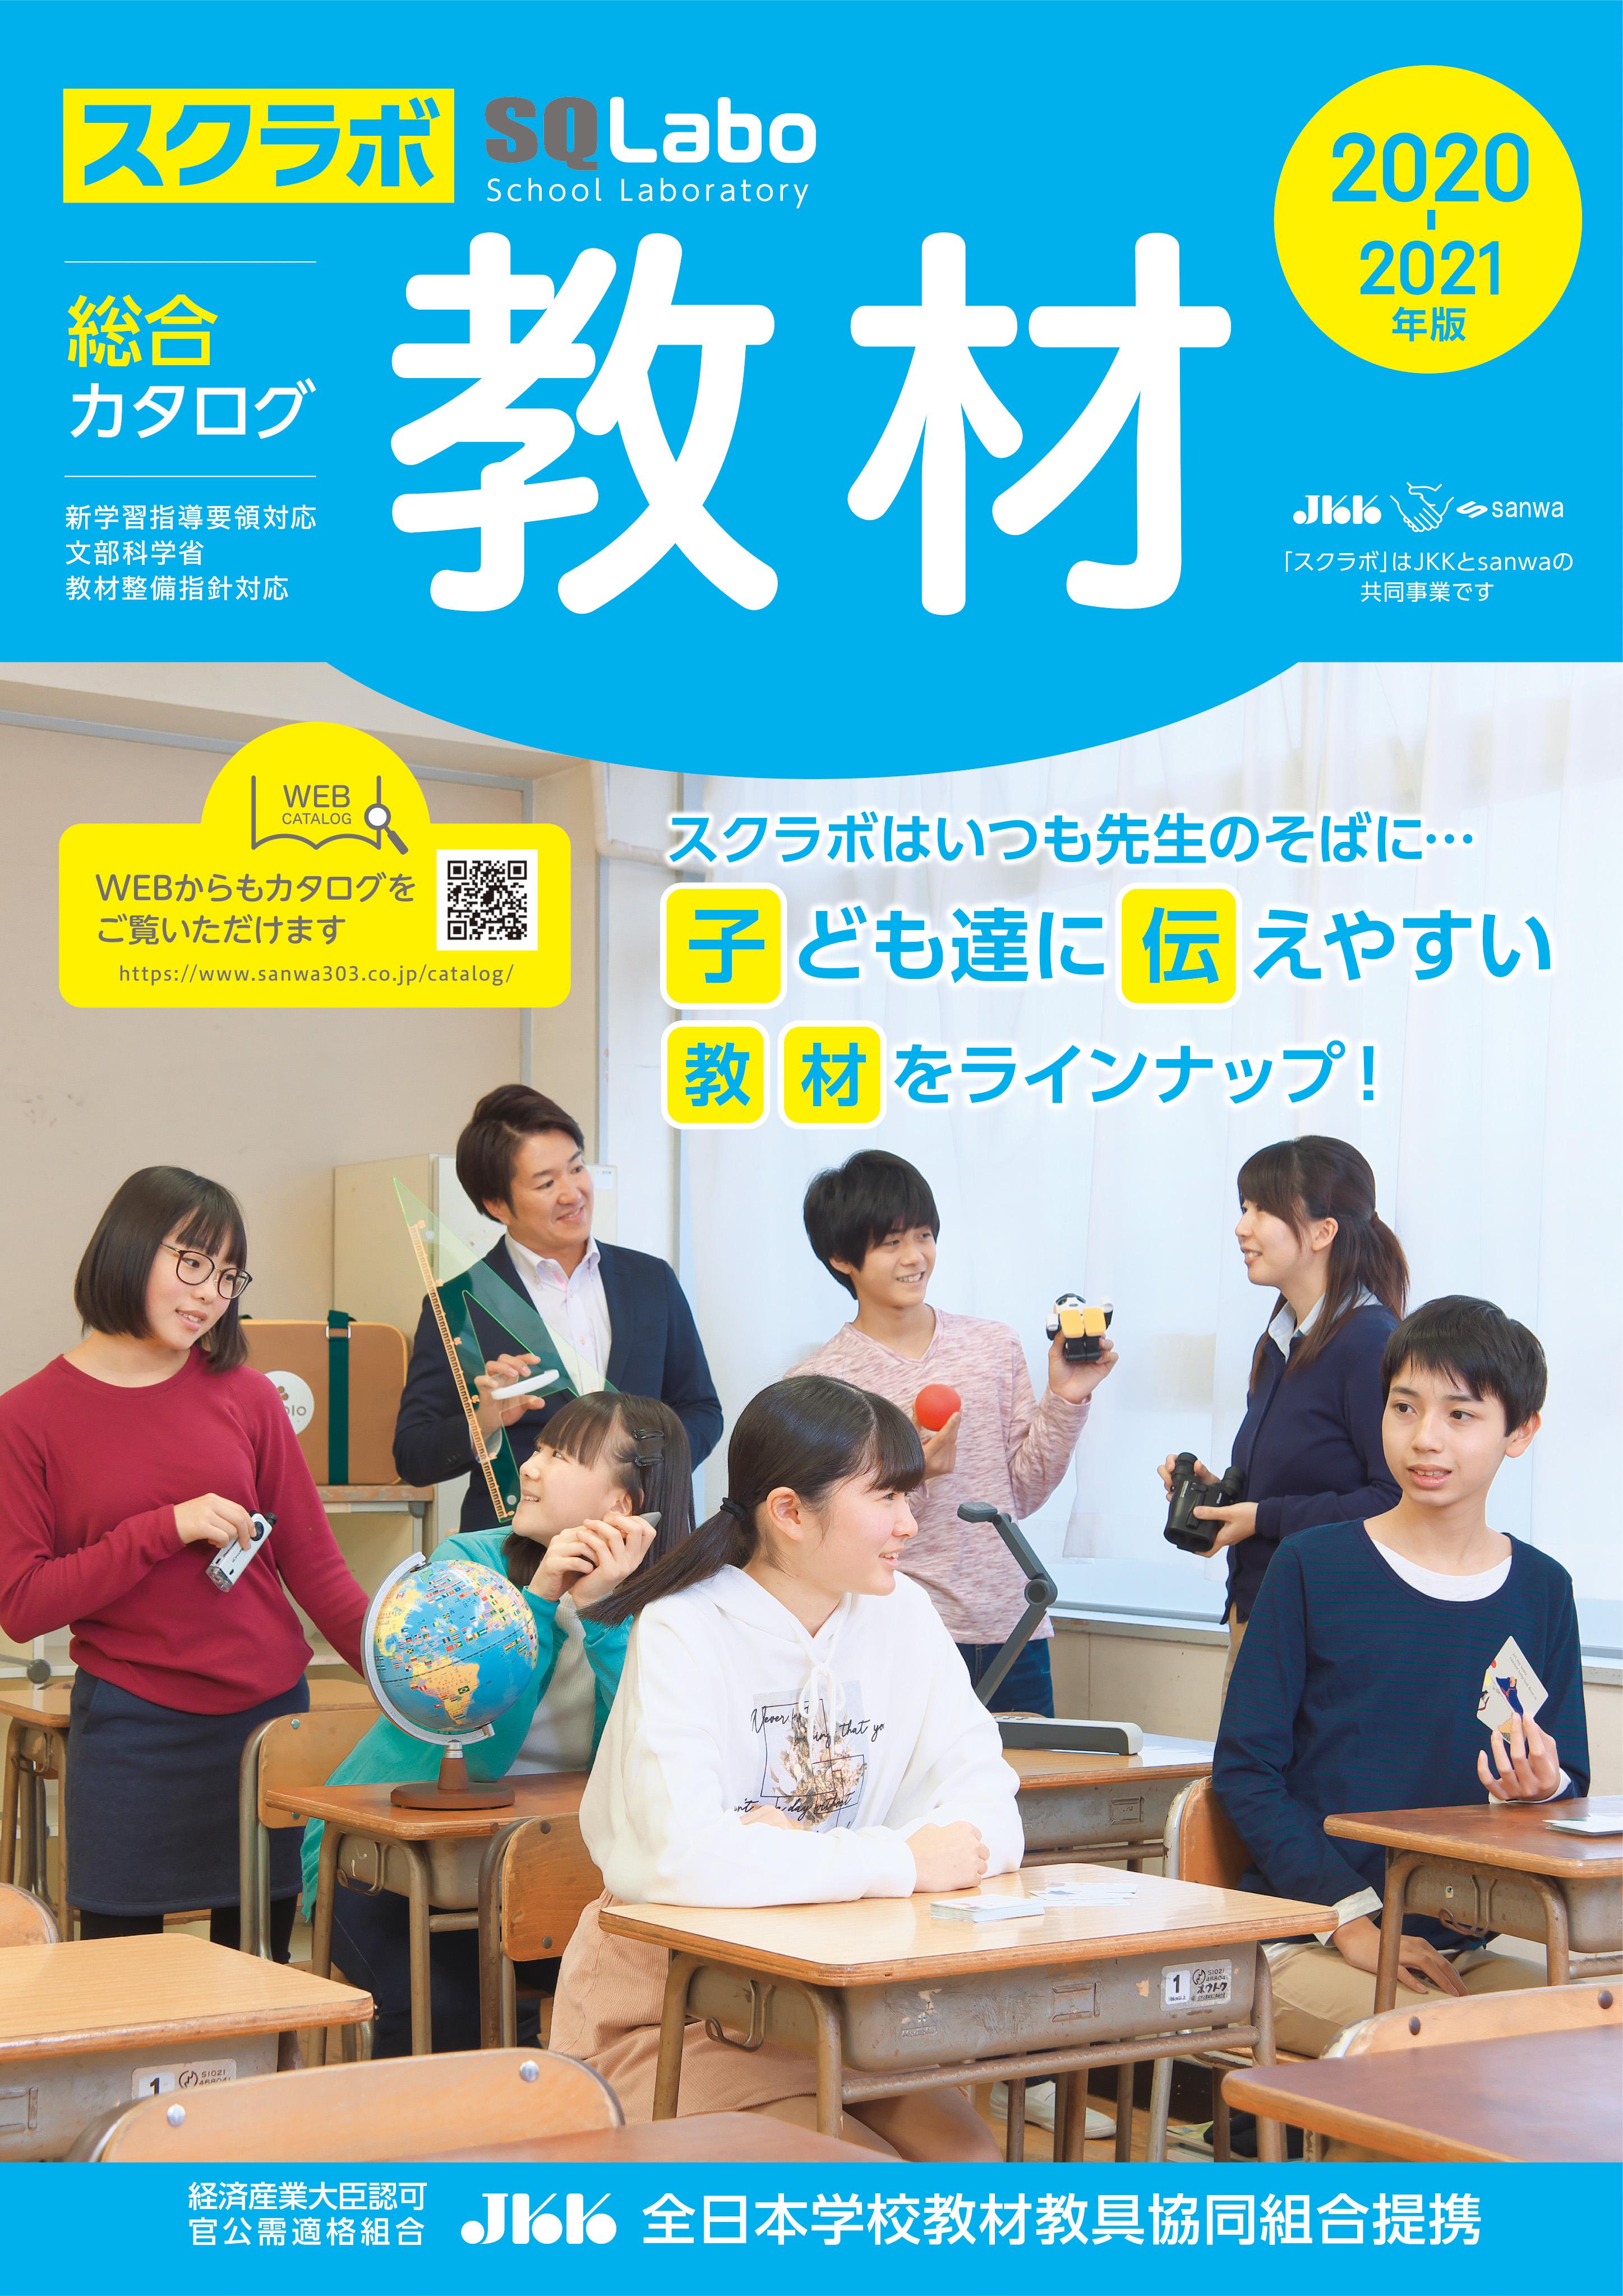 教材総合カタログ(中学・高等学校版)の表紙